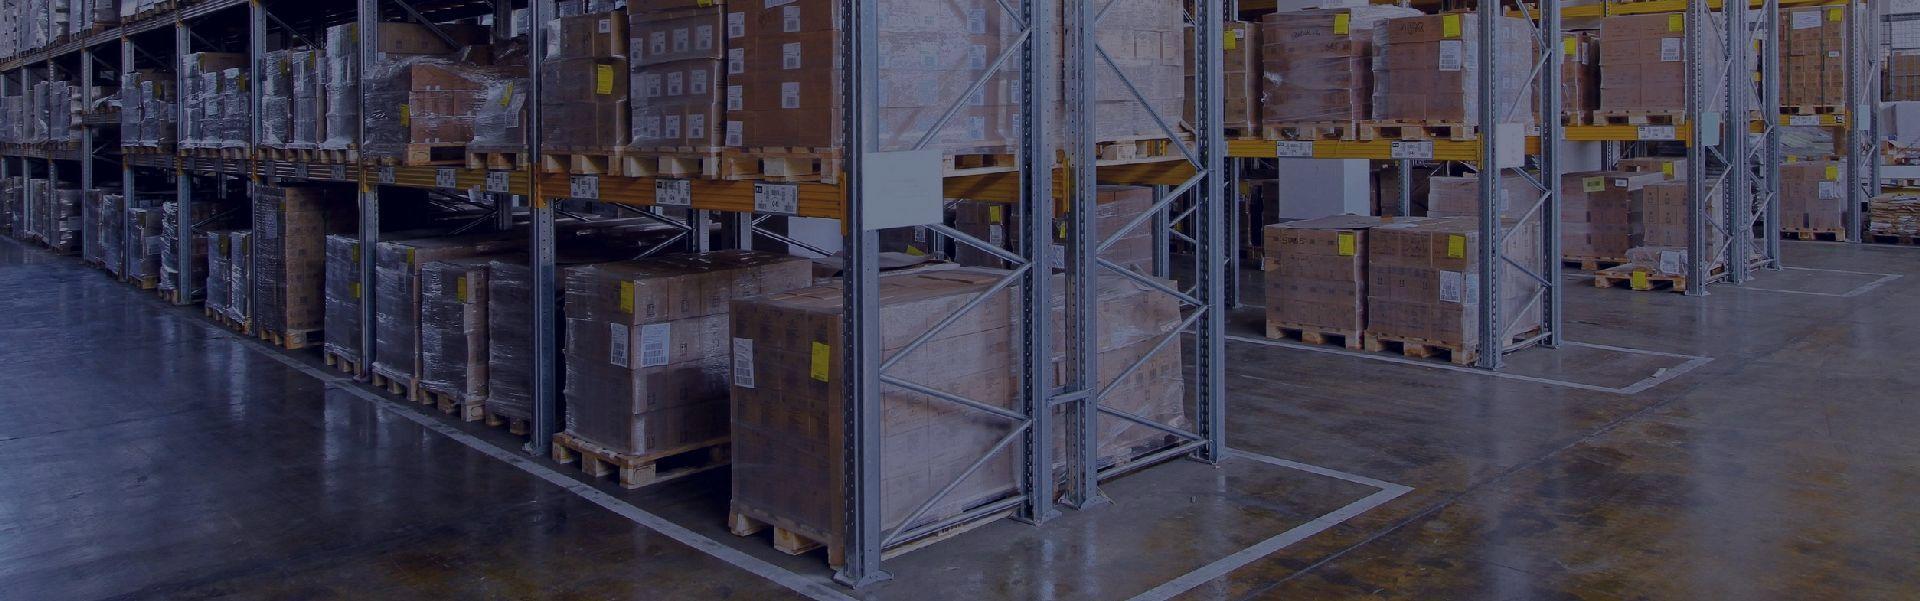 Komplex logisztikai szolgáltatások egy helyen